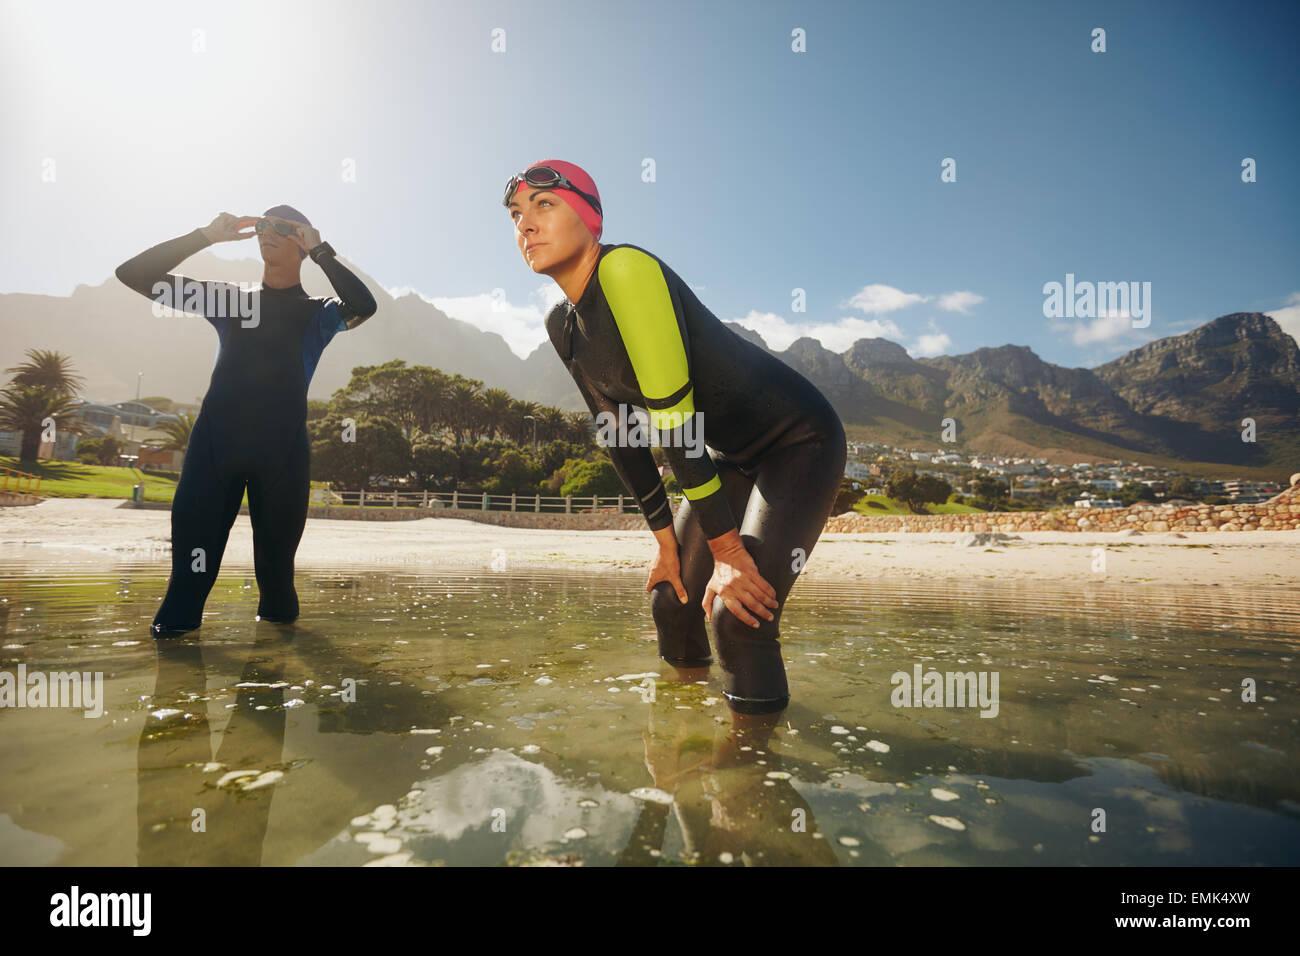 Déterminé les sportifs dans l'eau pour se préparer à la concurrence. Les triathlètes Photo Stock